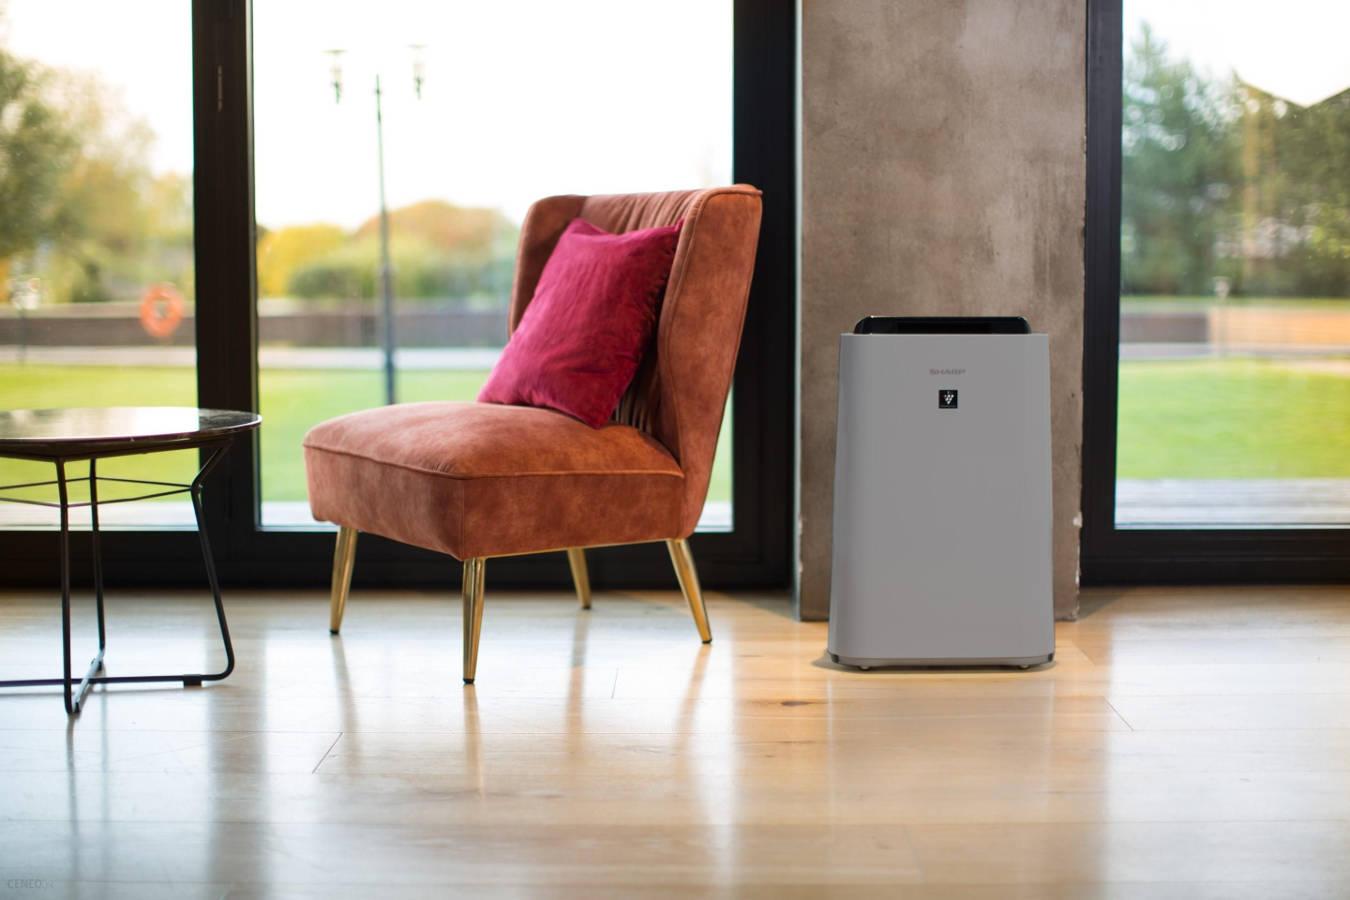 Oczyszczacz powietrza Sharp UA-HD40E-L w pomieszczeniu